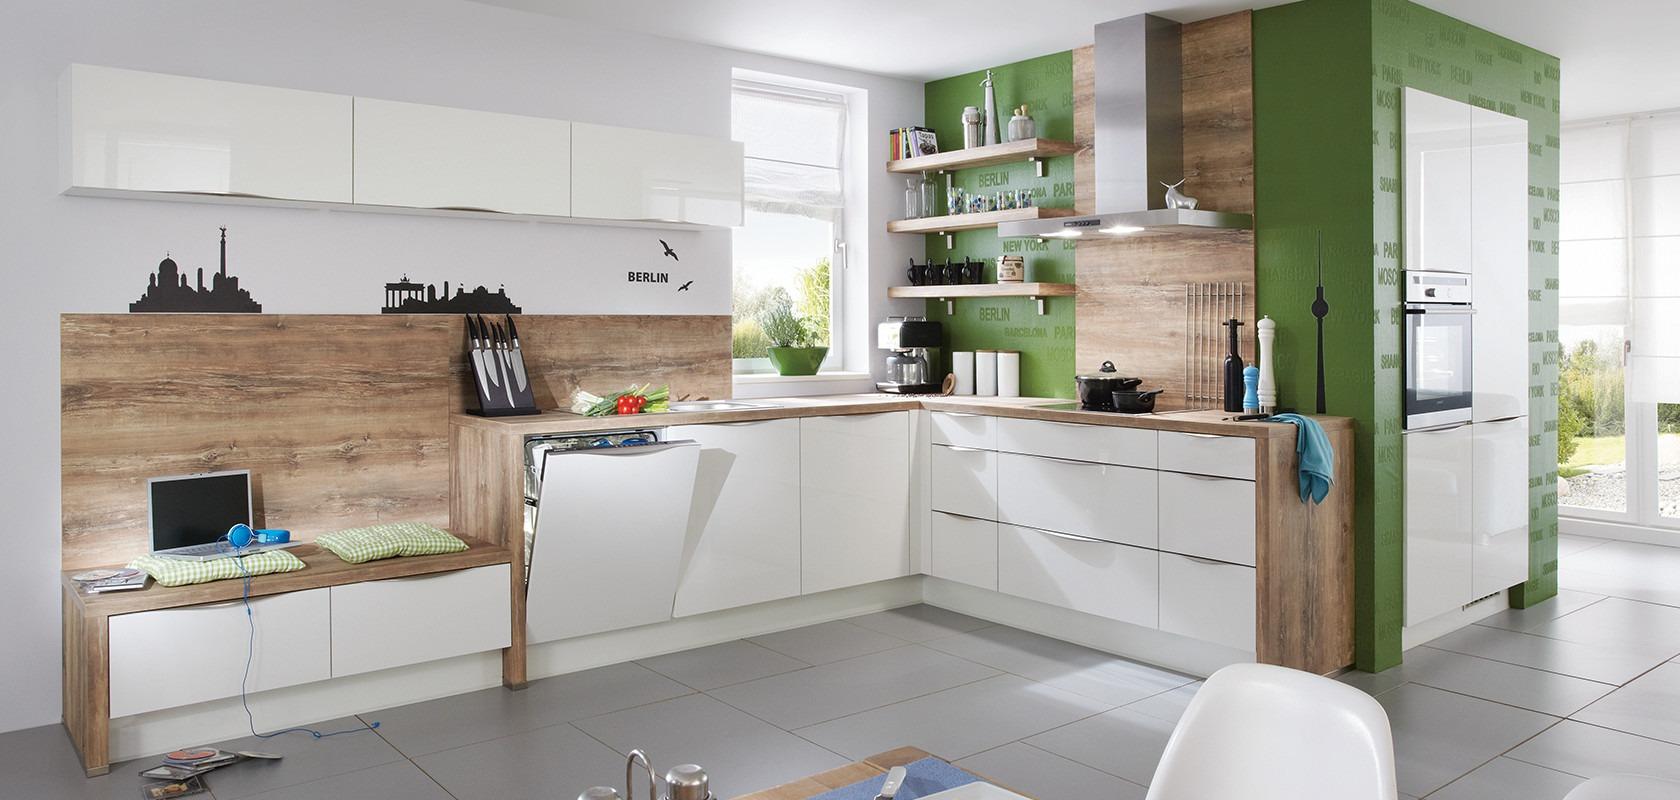 Cuisine Moderne – FOCUS 460